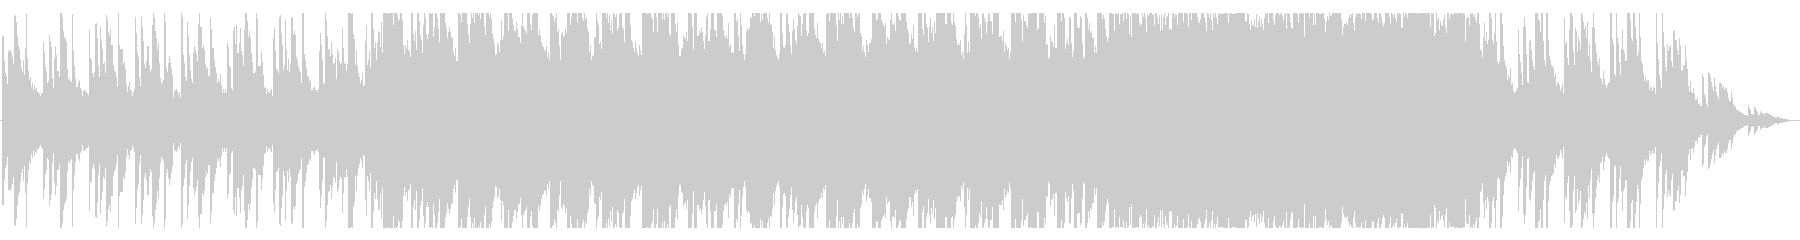 ピアノが主体の幻想的なバラードの未再生の波形